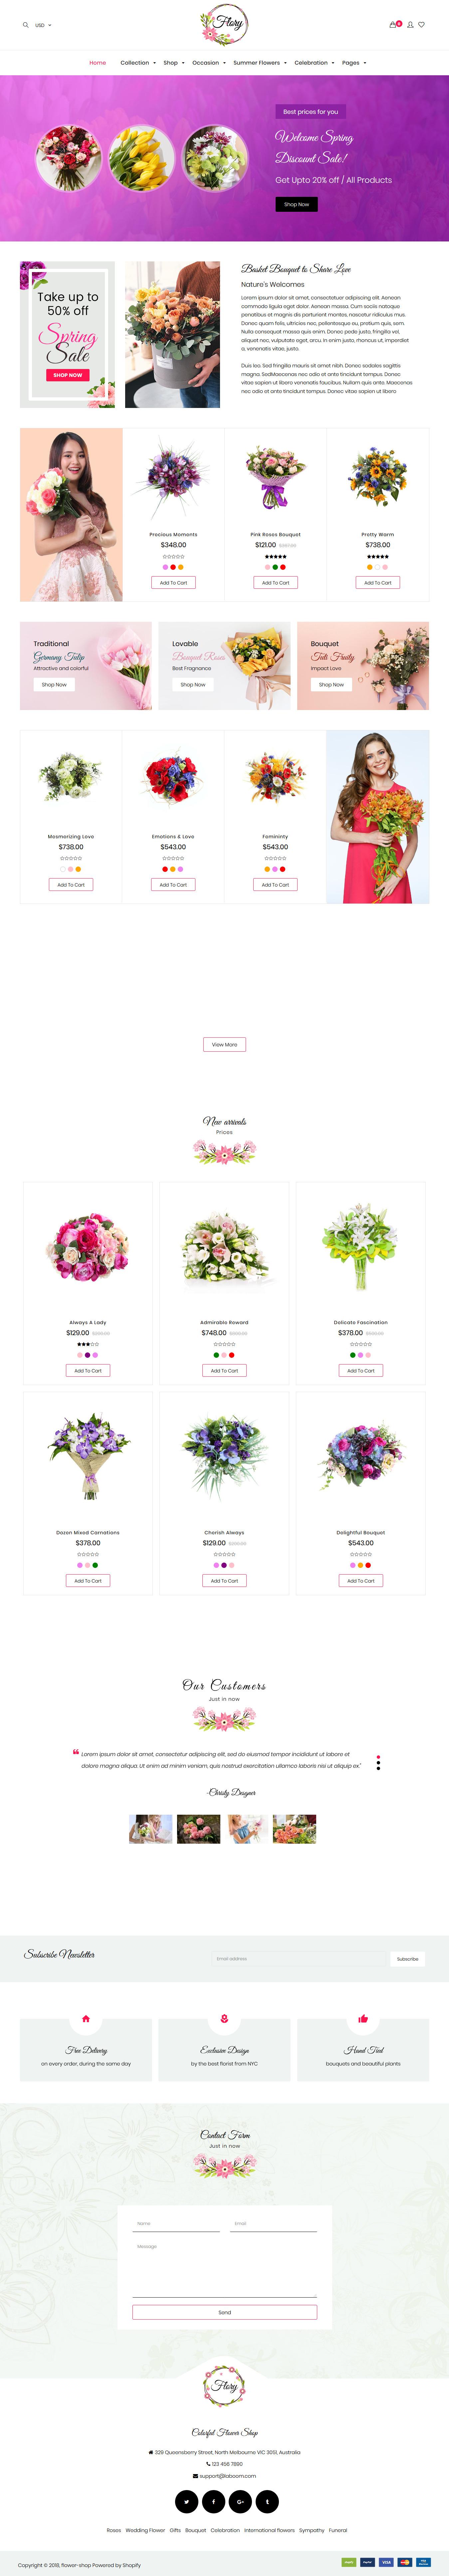 flory best premium florist floriculture wordpress theme - 10+ Best Premium Florist and Floriculture WordPress Themes